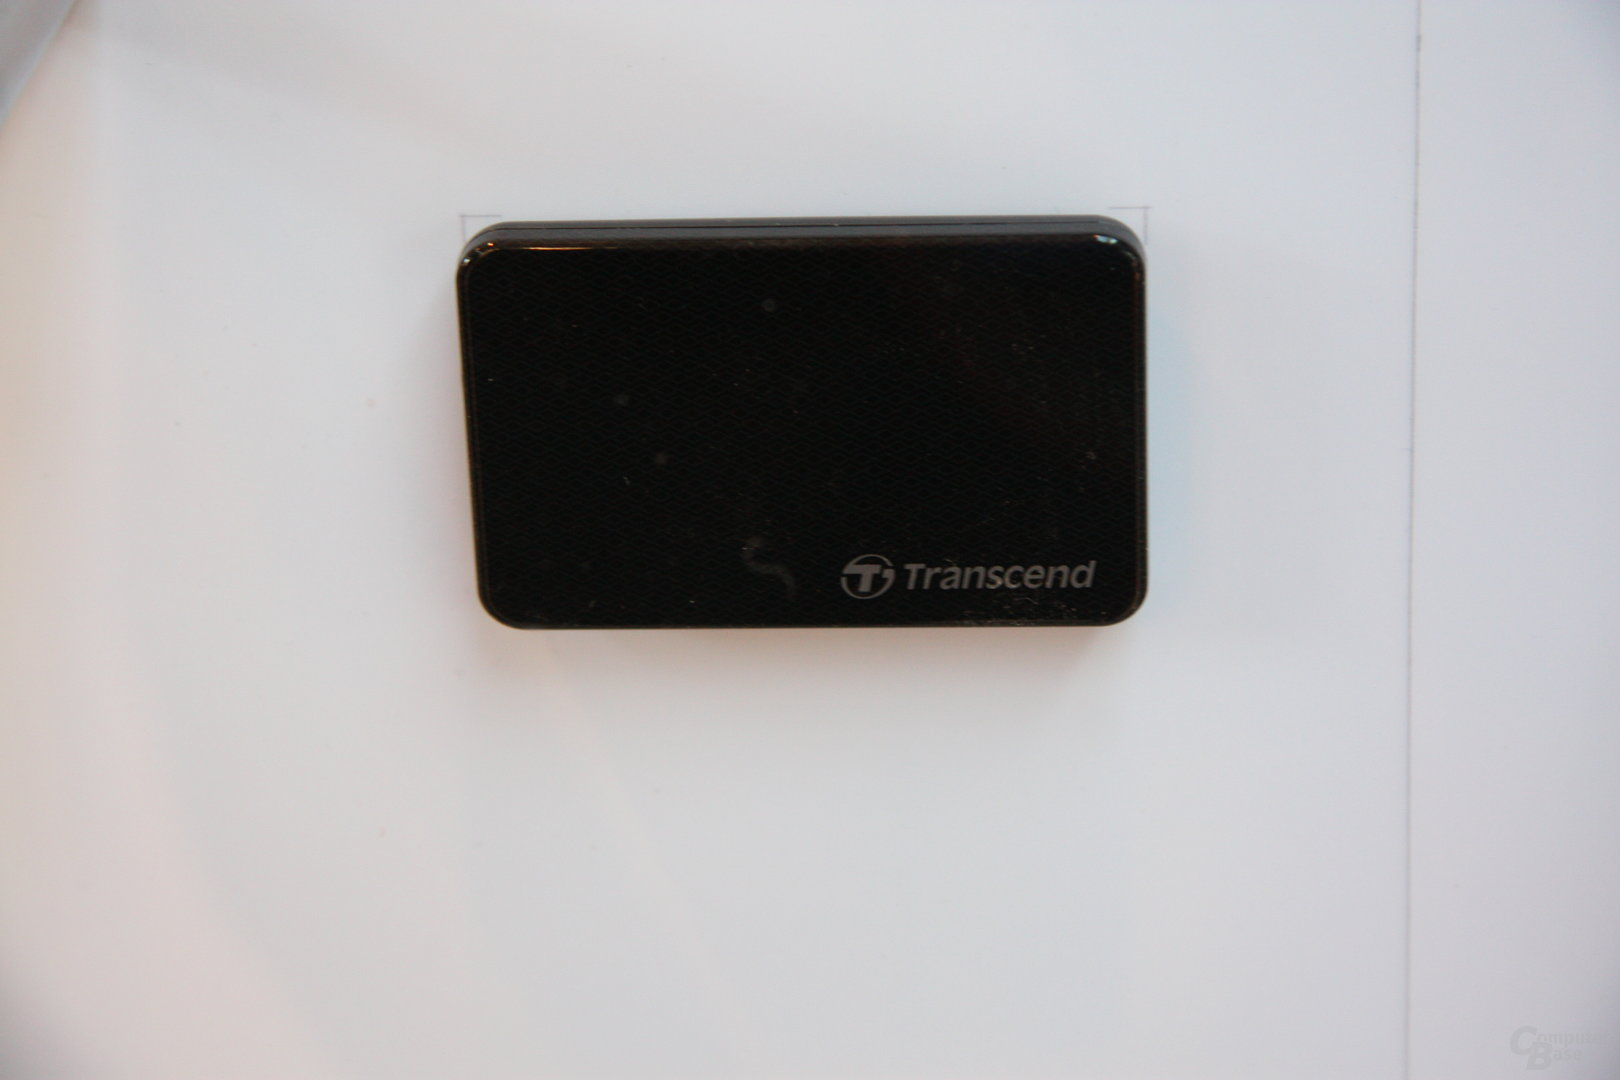 Externe SSD von Transcend